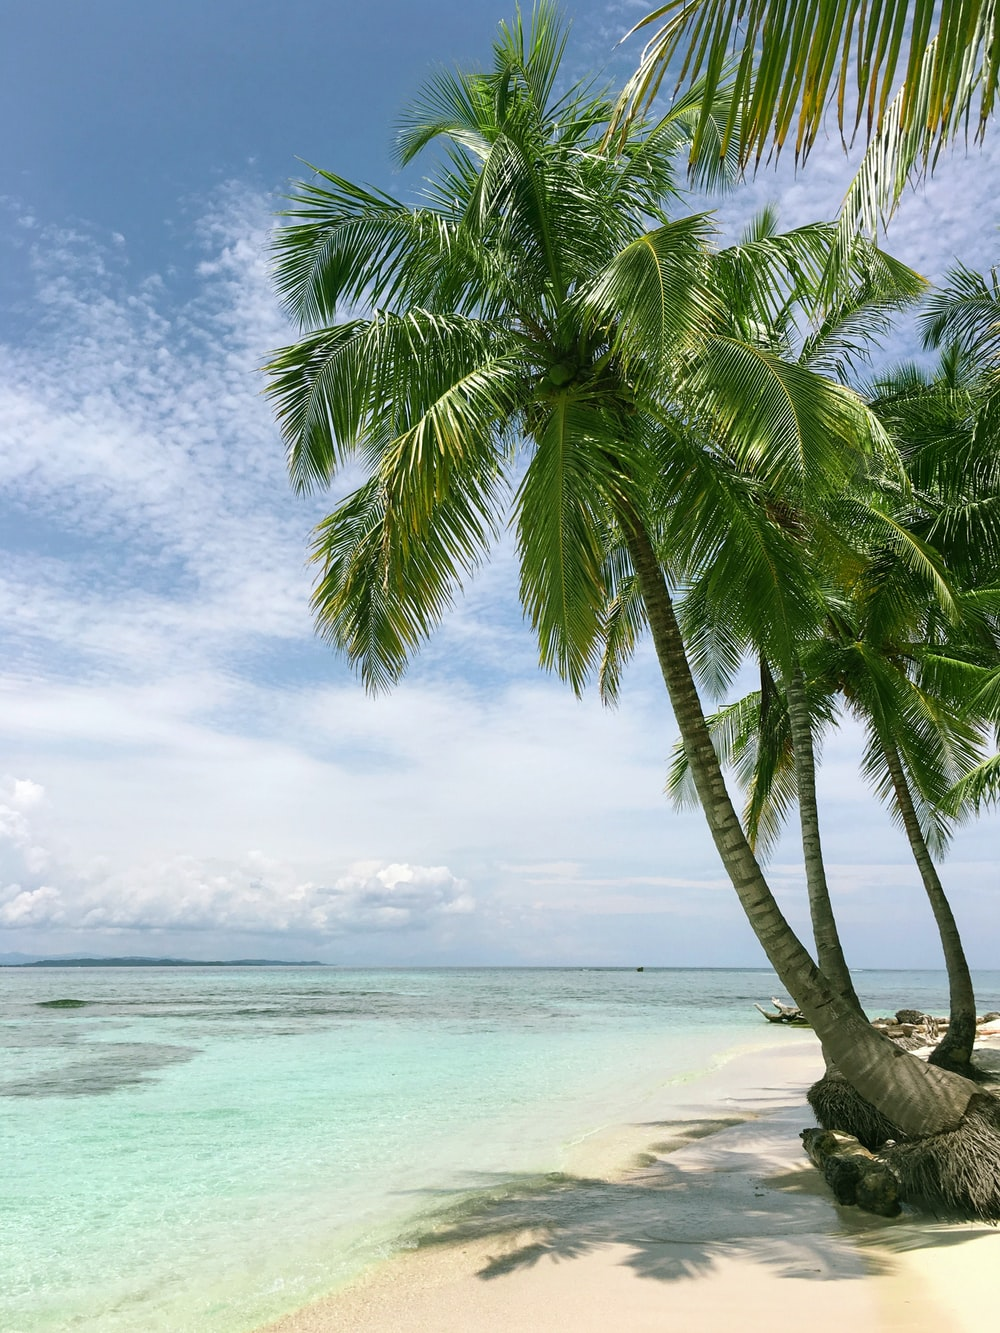 palm tree near seashore